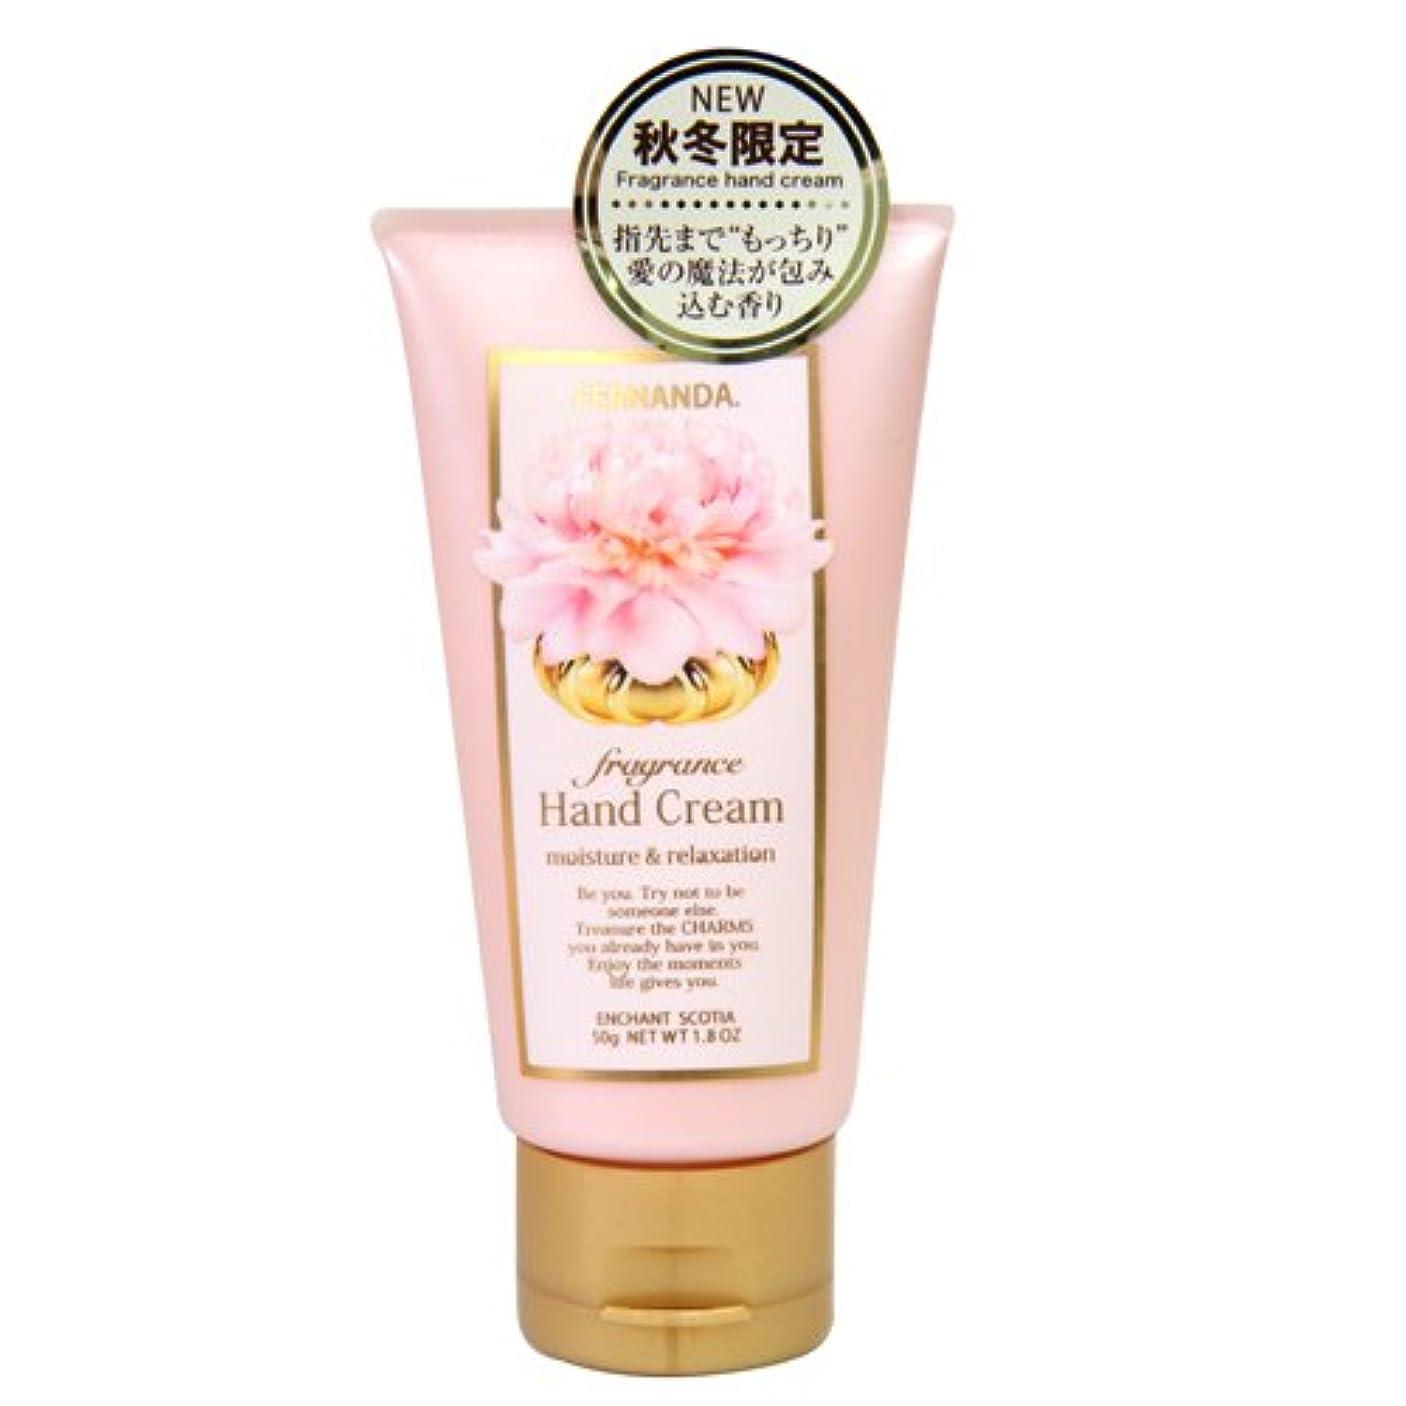 補充ヒント先見の明FERNANDA(フェルナンダ) Hand Cream Enchant Scotia (ハンドクリーム エンシャントスコティア)